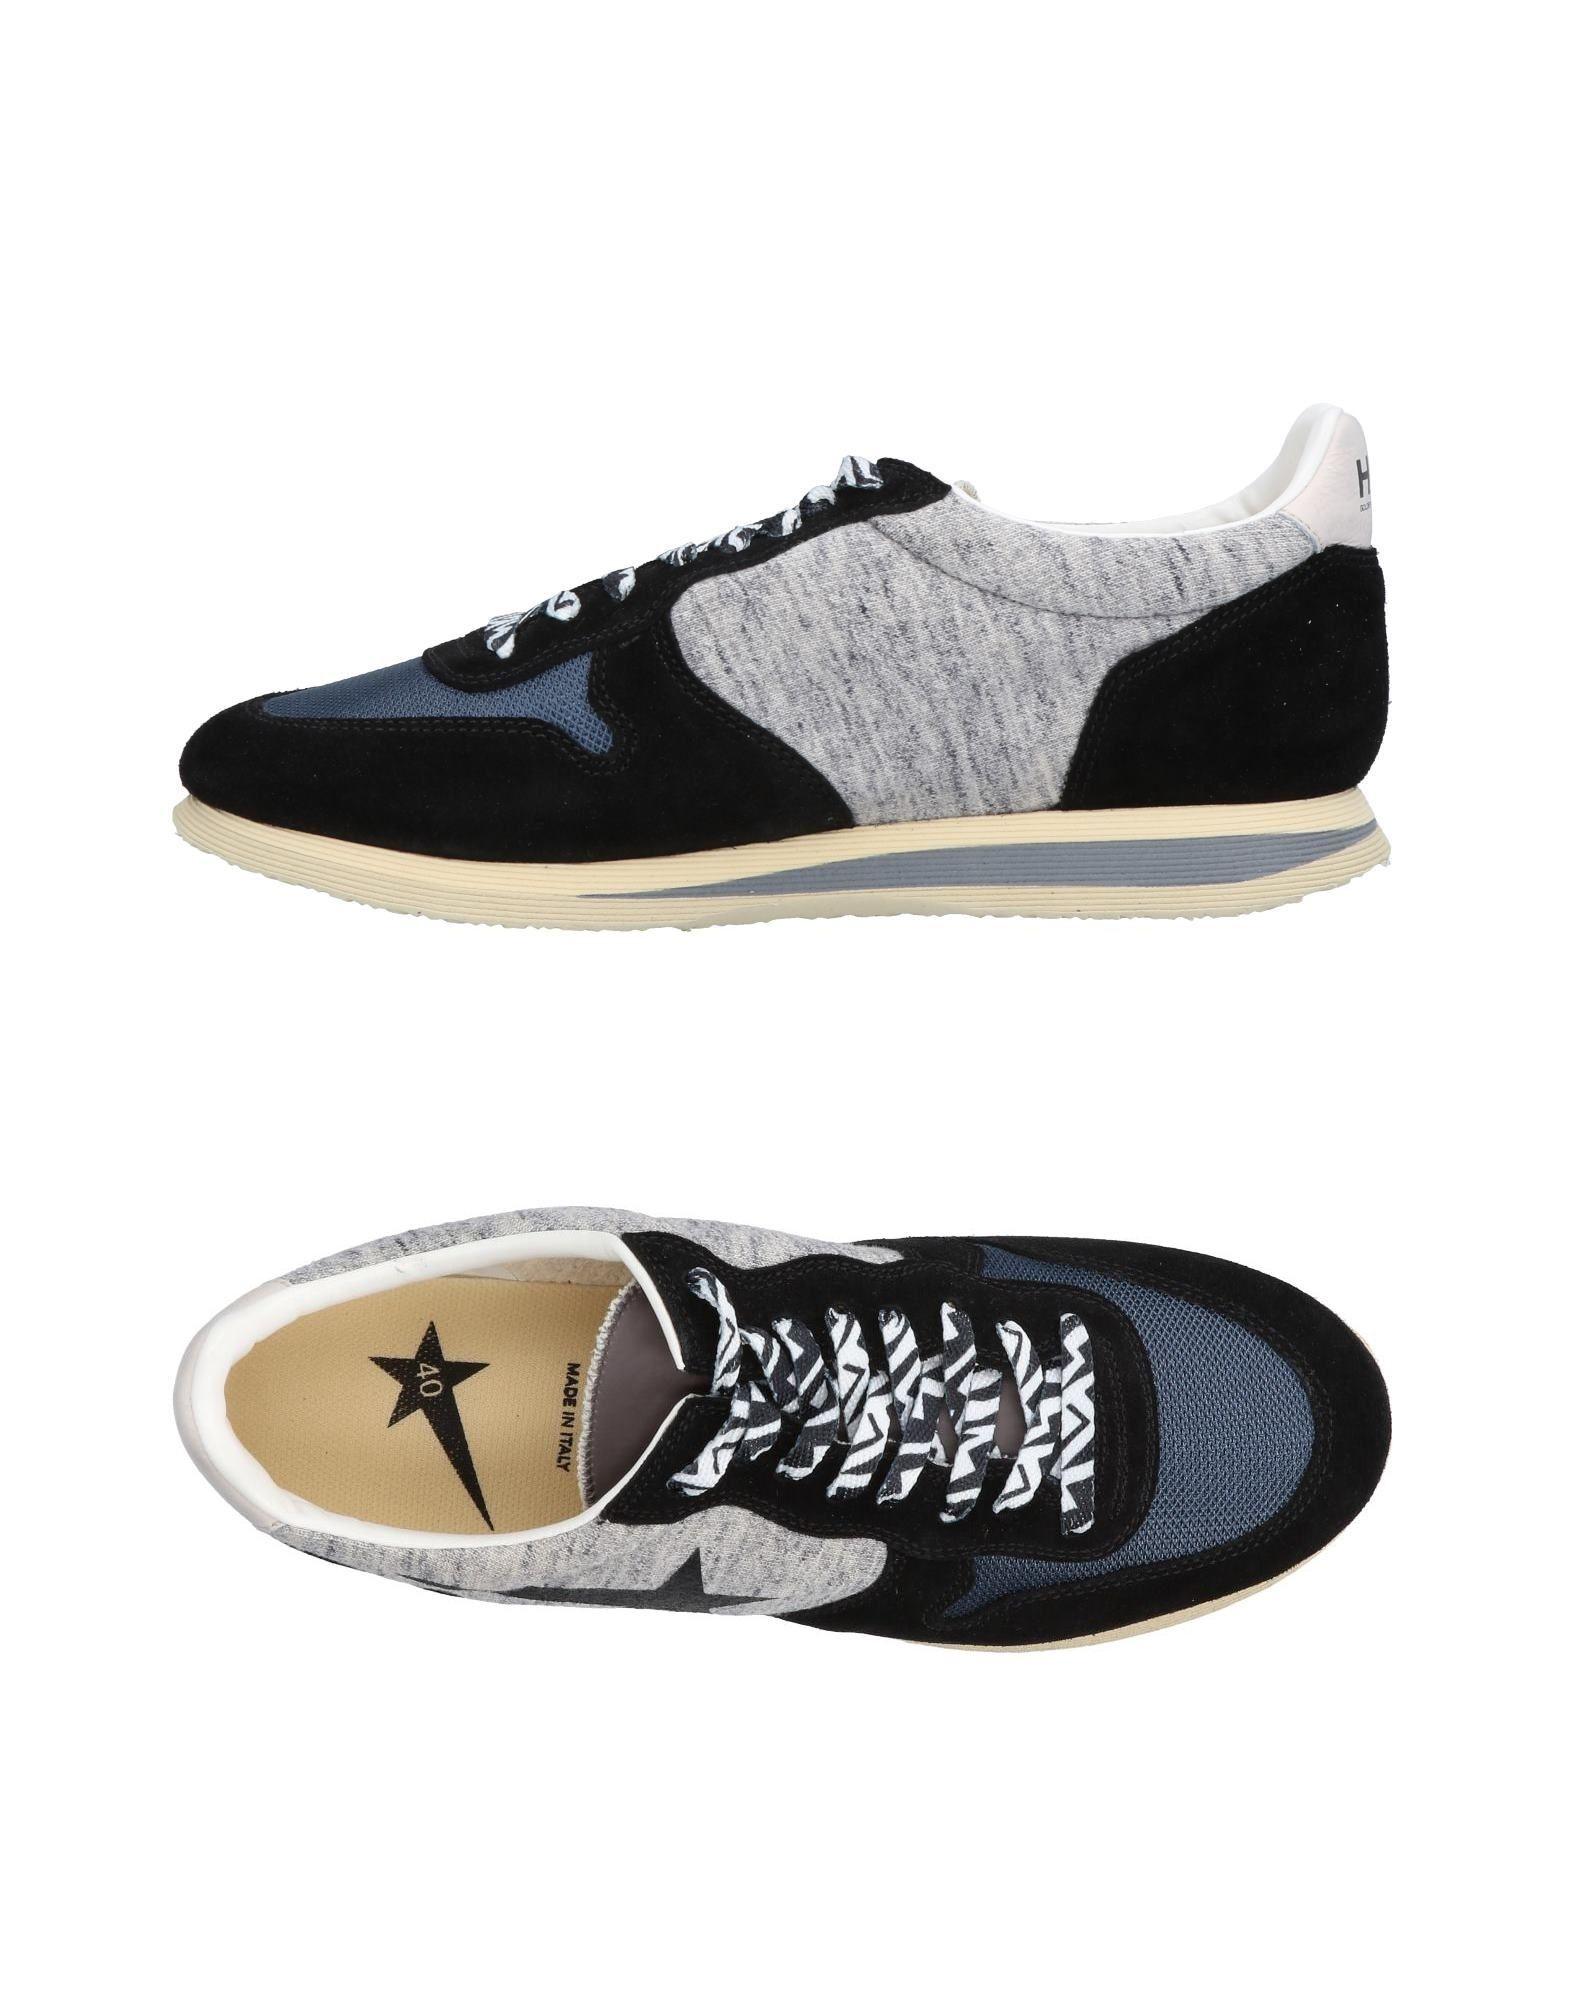 Haus Golden Goose Sneakers Herren  11469941QJ Gute Qualität beliebte Schuhe